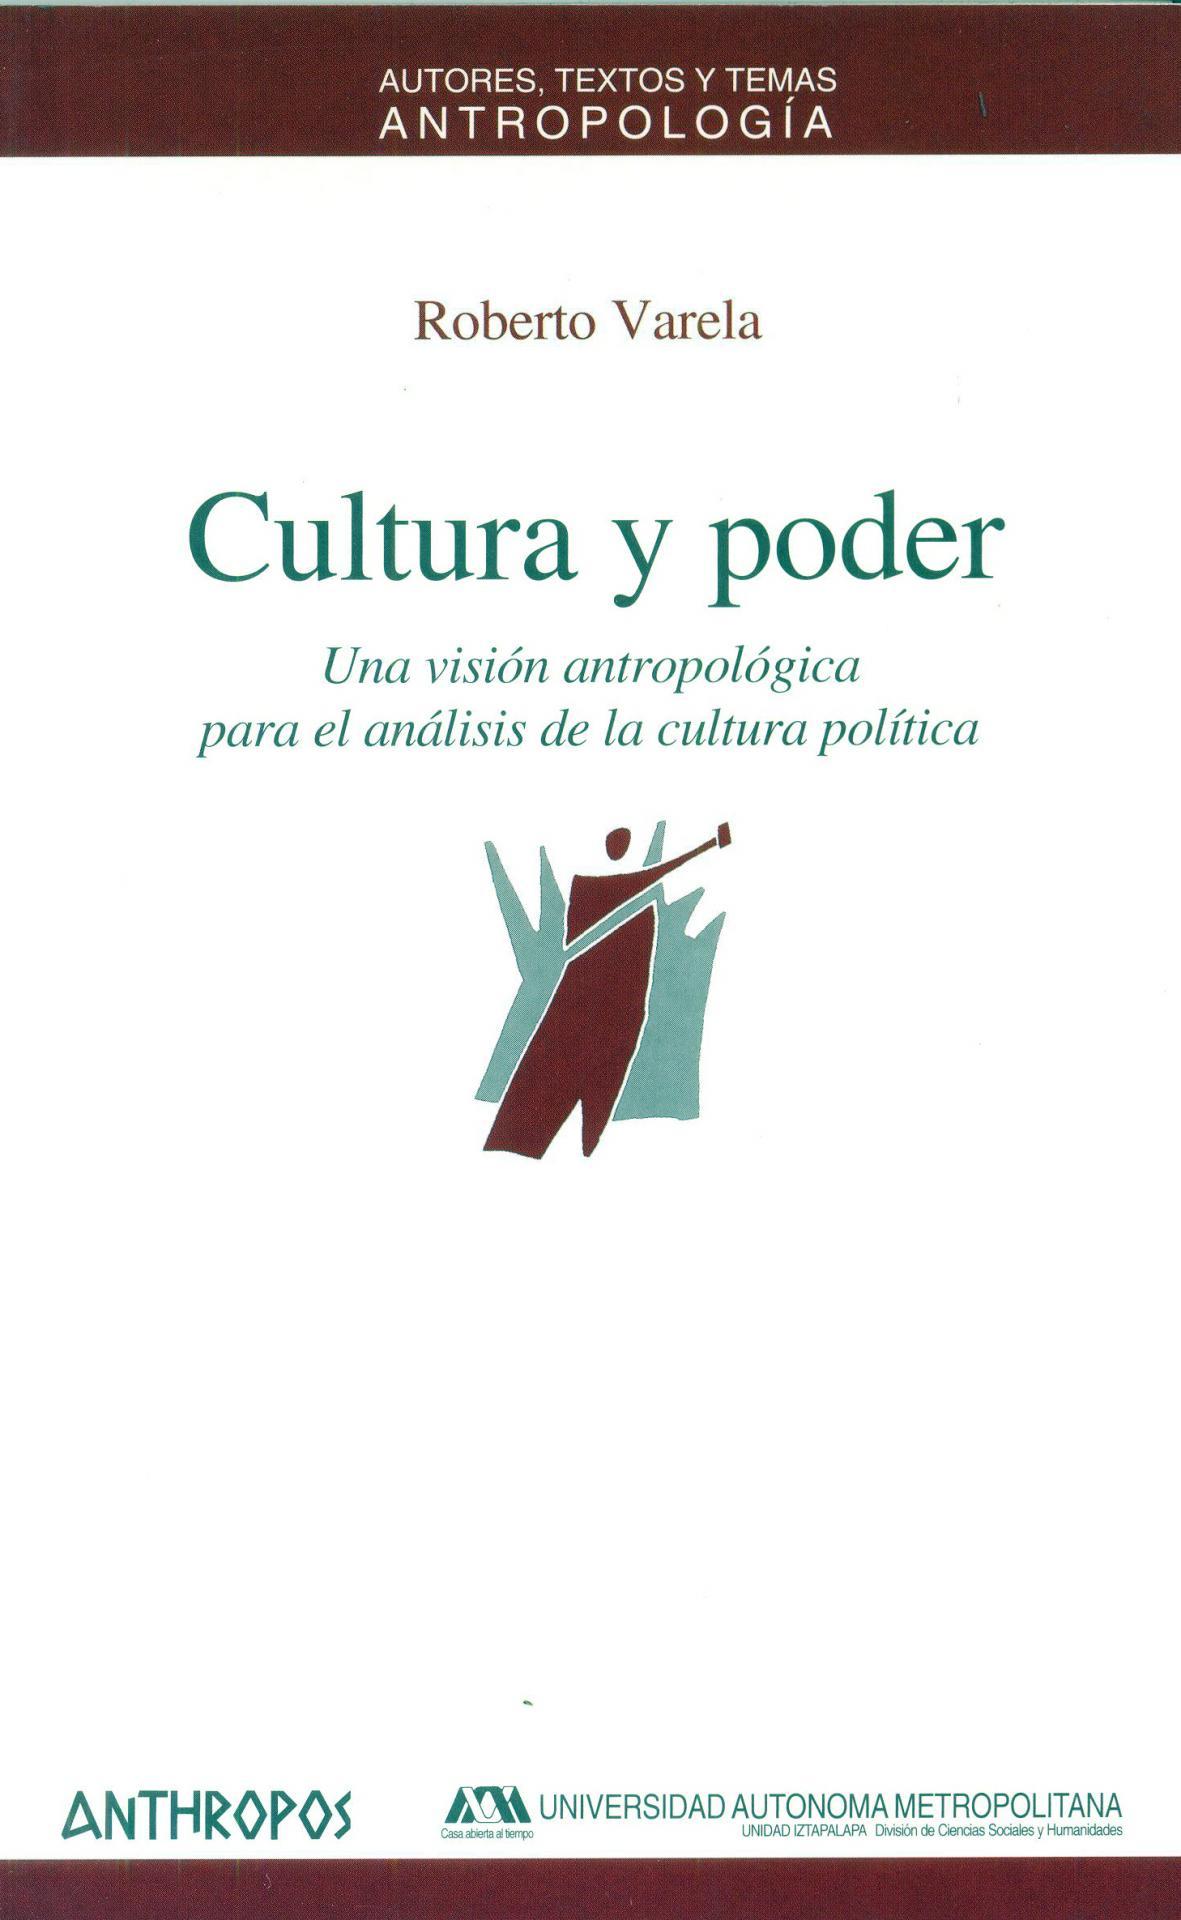 CULTURA Y PODER. Una visión antropológica para el análisis de la cultura política. Varela, R.